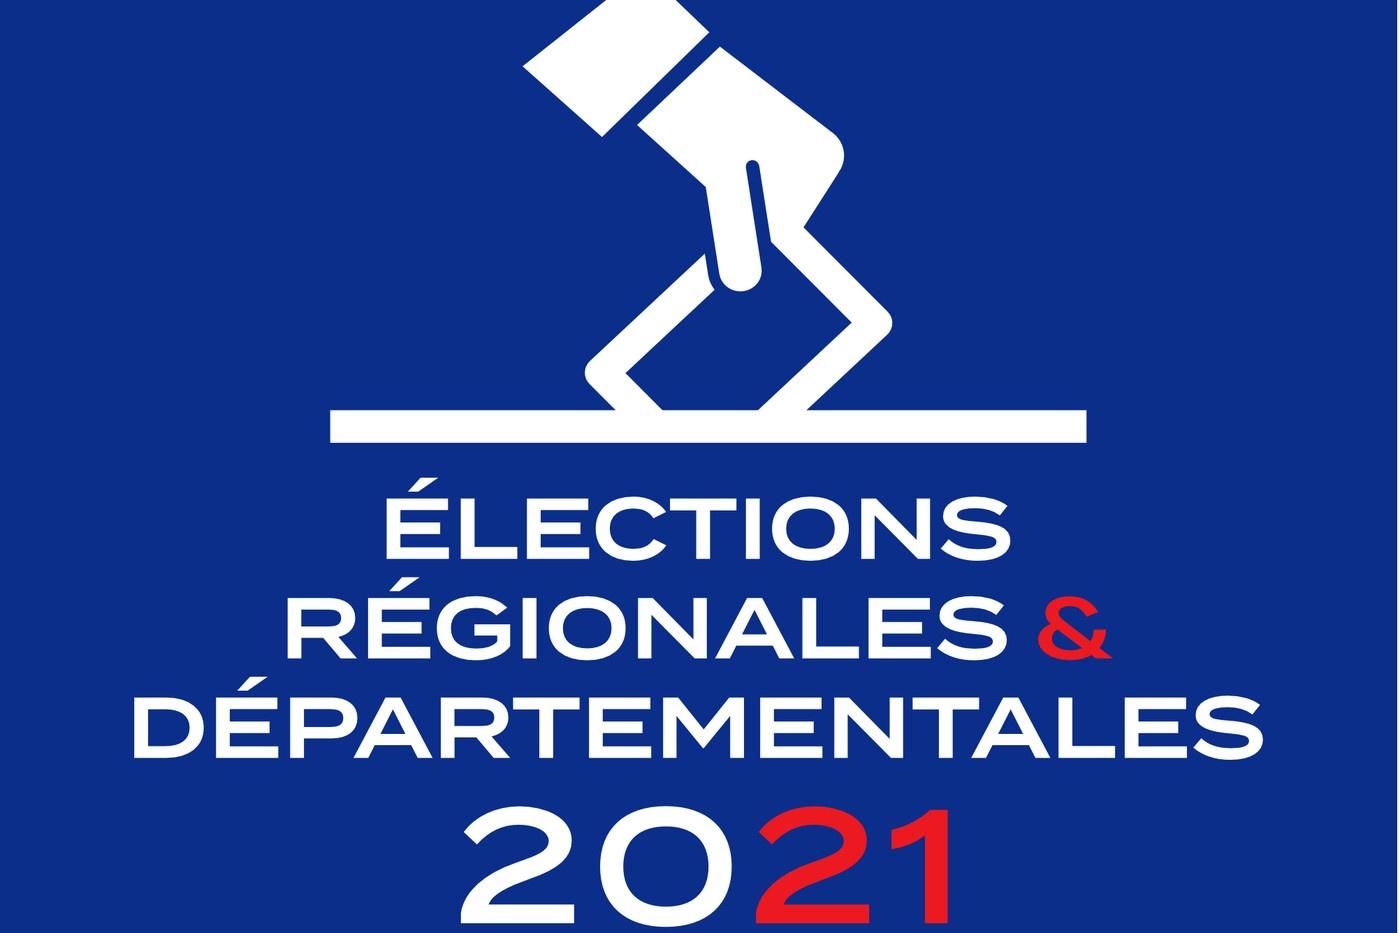 Juillan - Ville des Hautes-Pyrénées - Inscription sur listes électorales